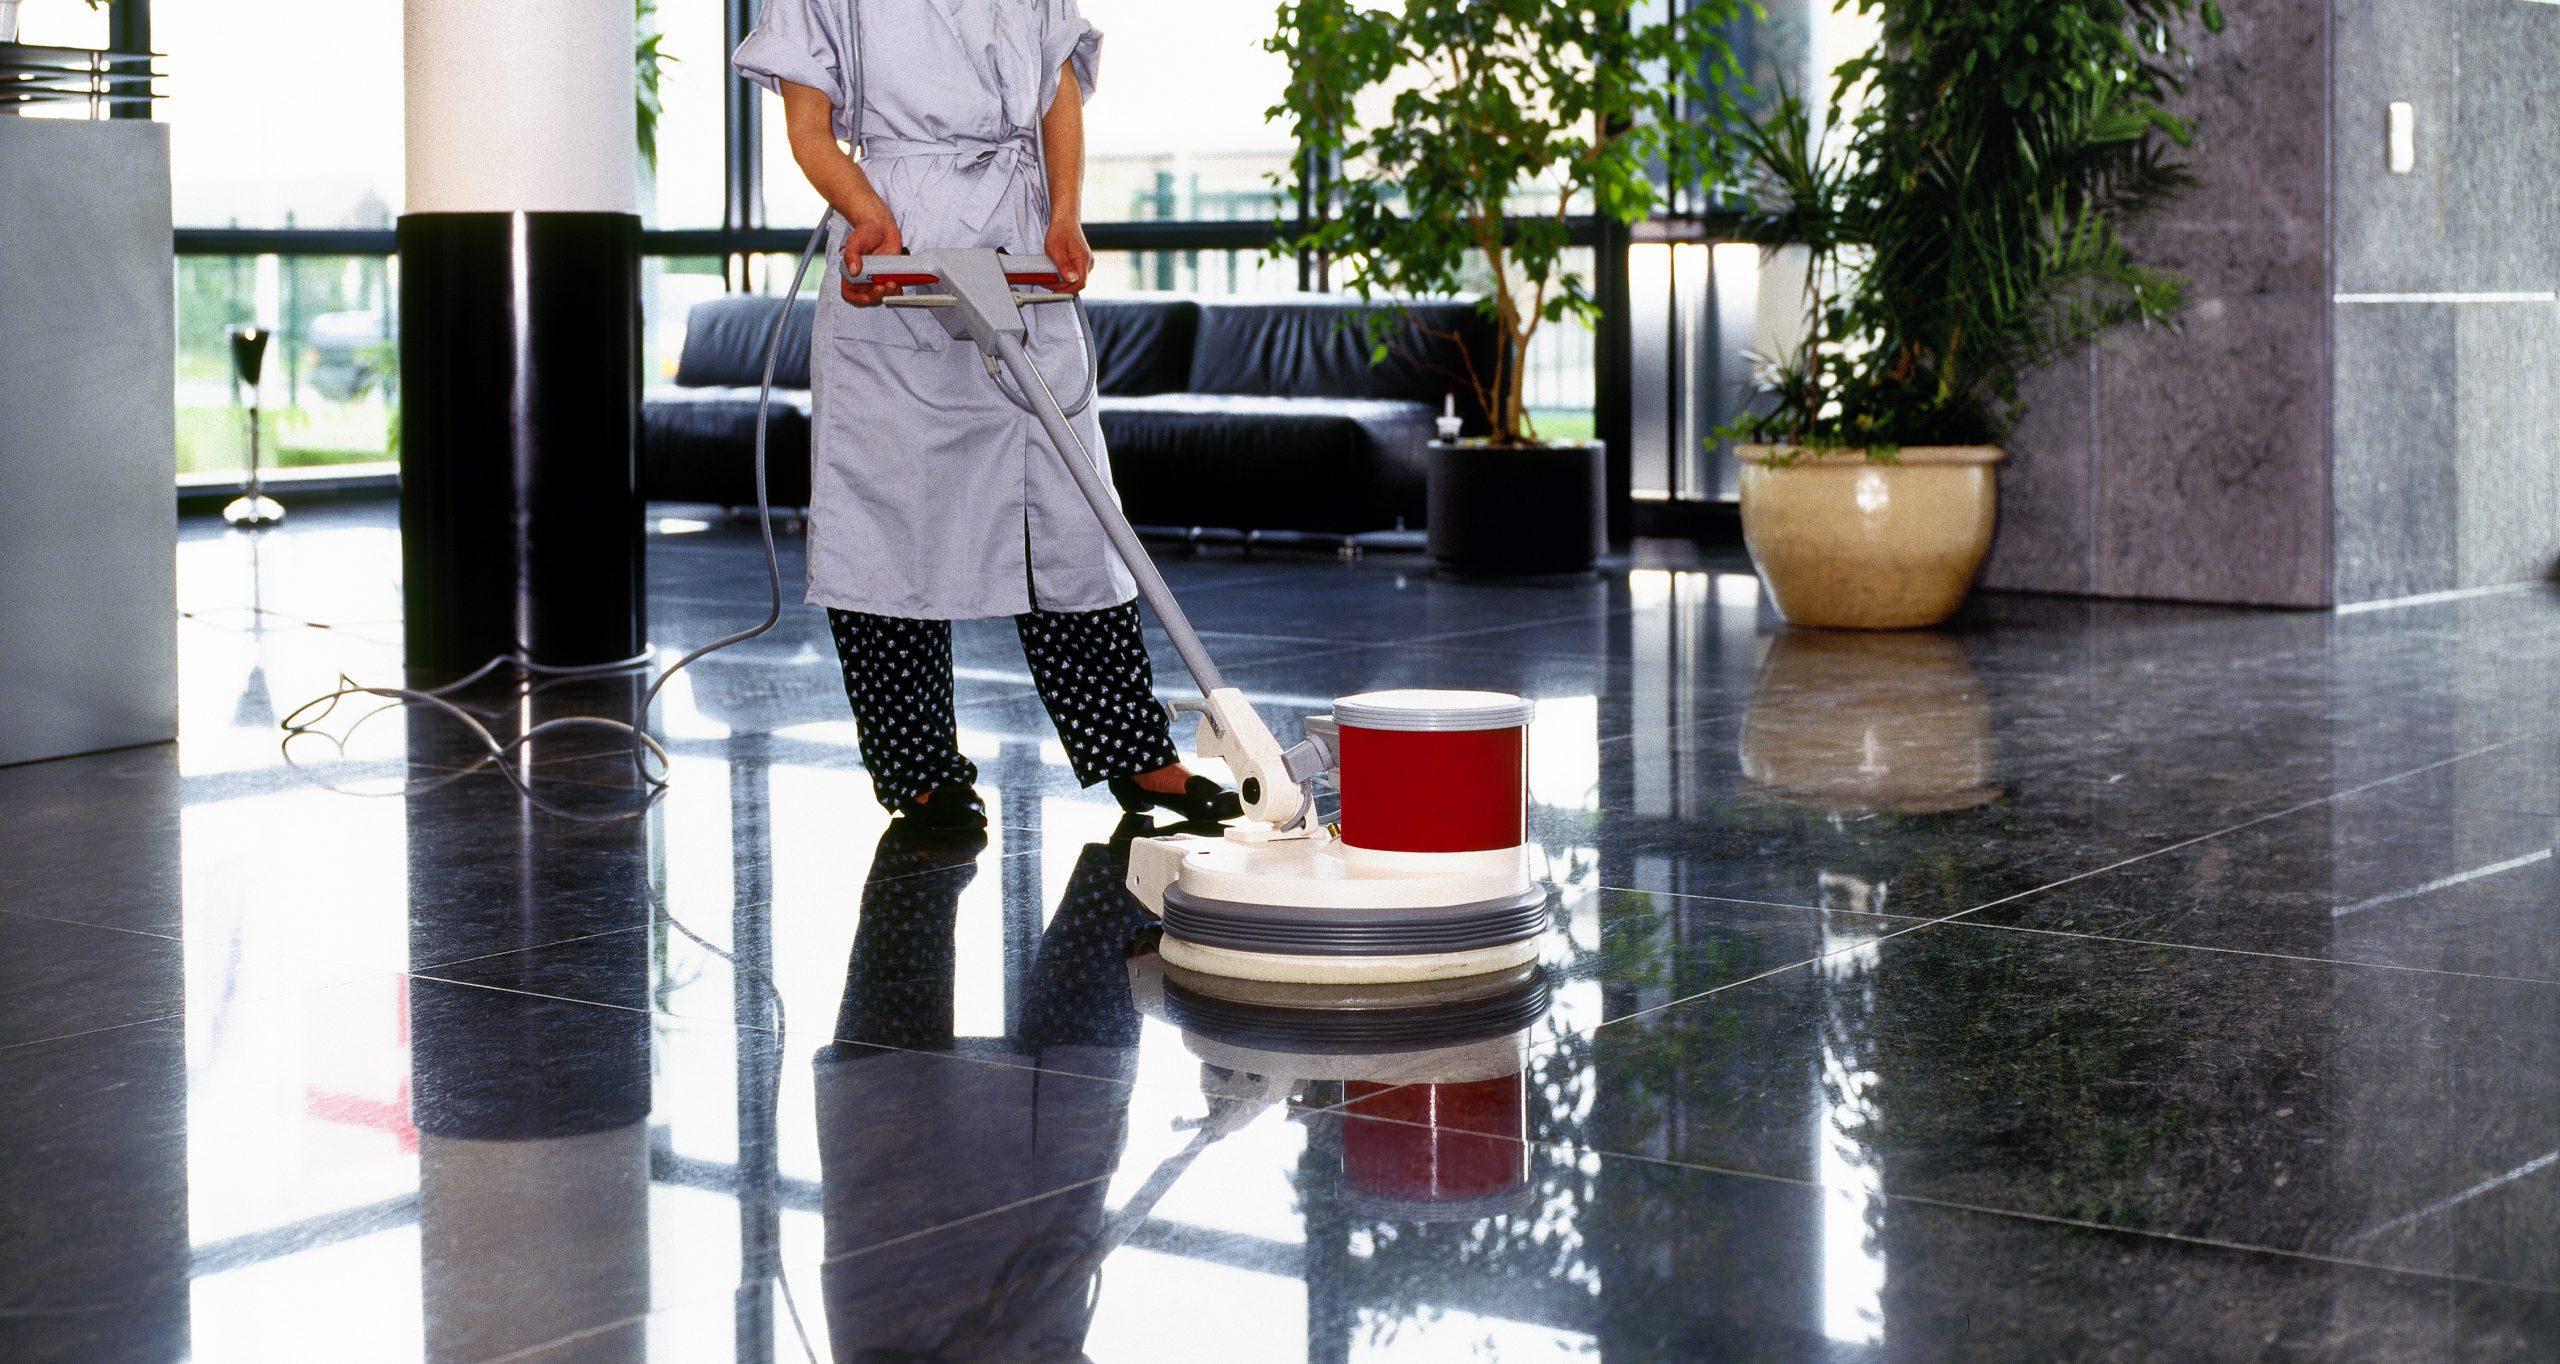 318 Υπηρεσίες Καθαρισμού